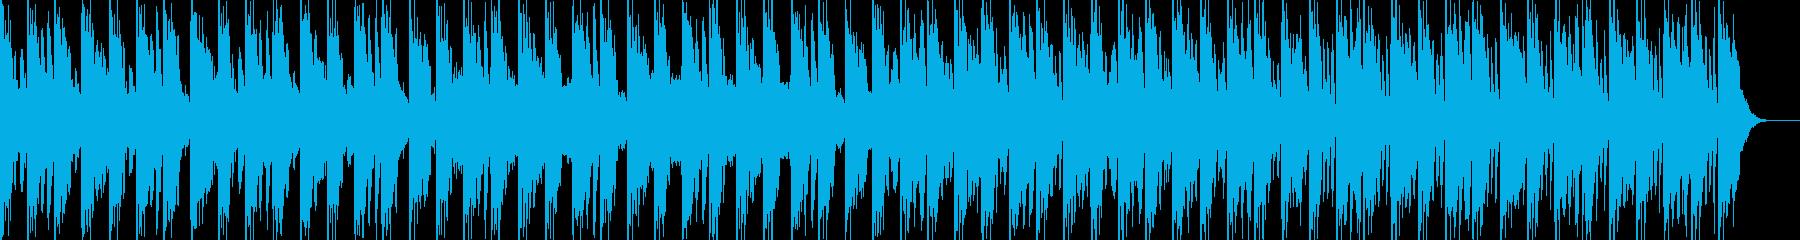 クレイジーな場面などの再生済みの波形